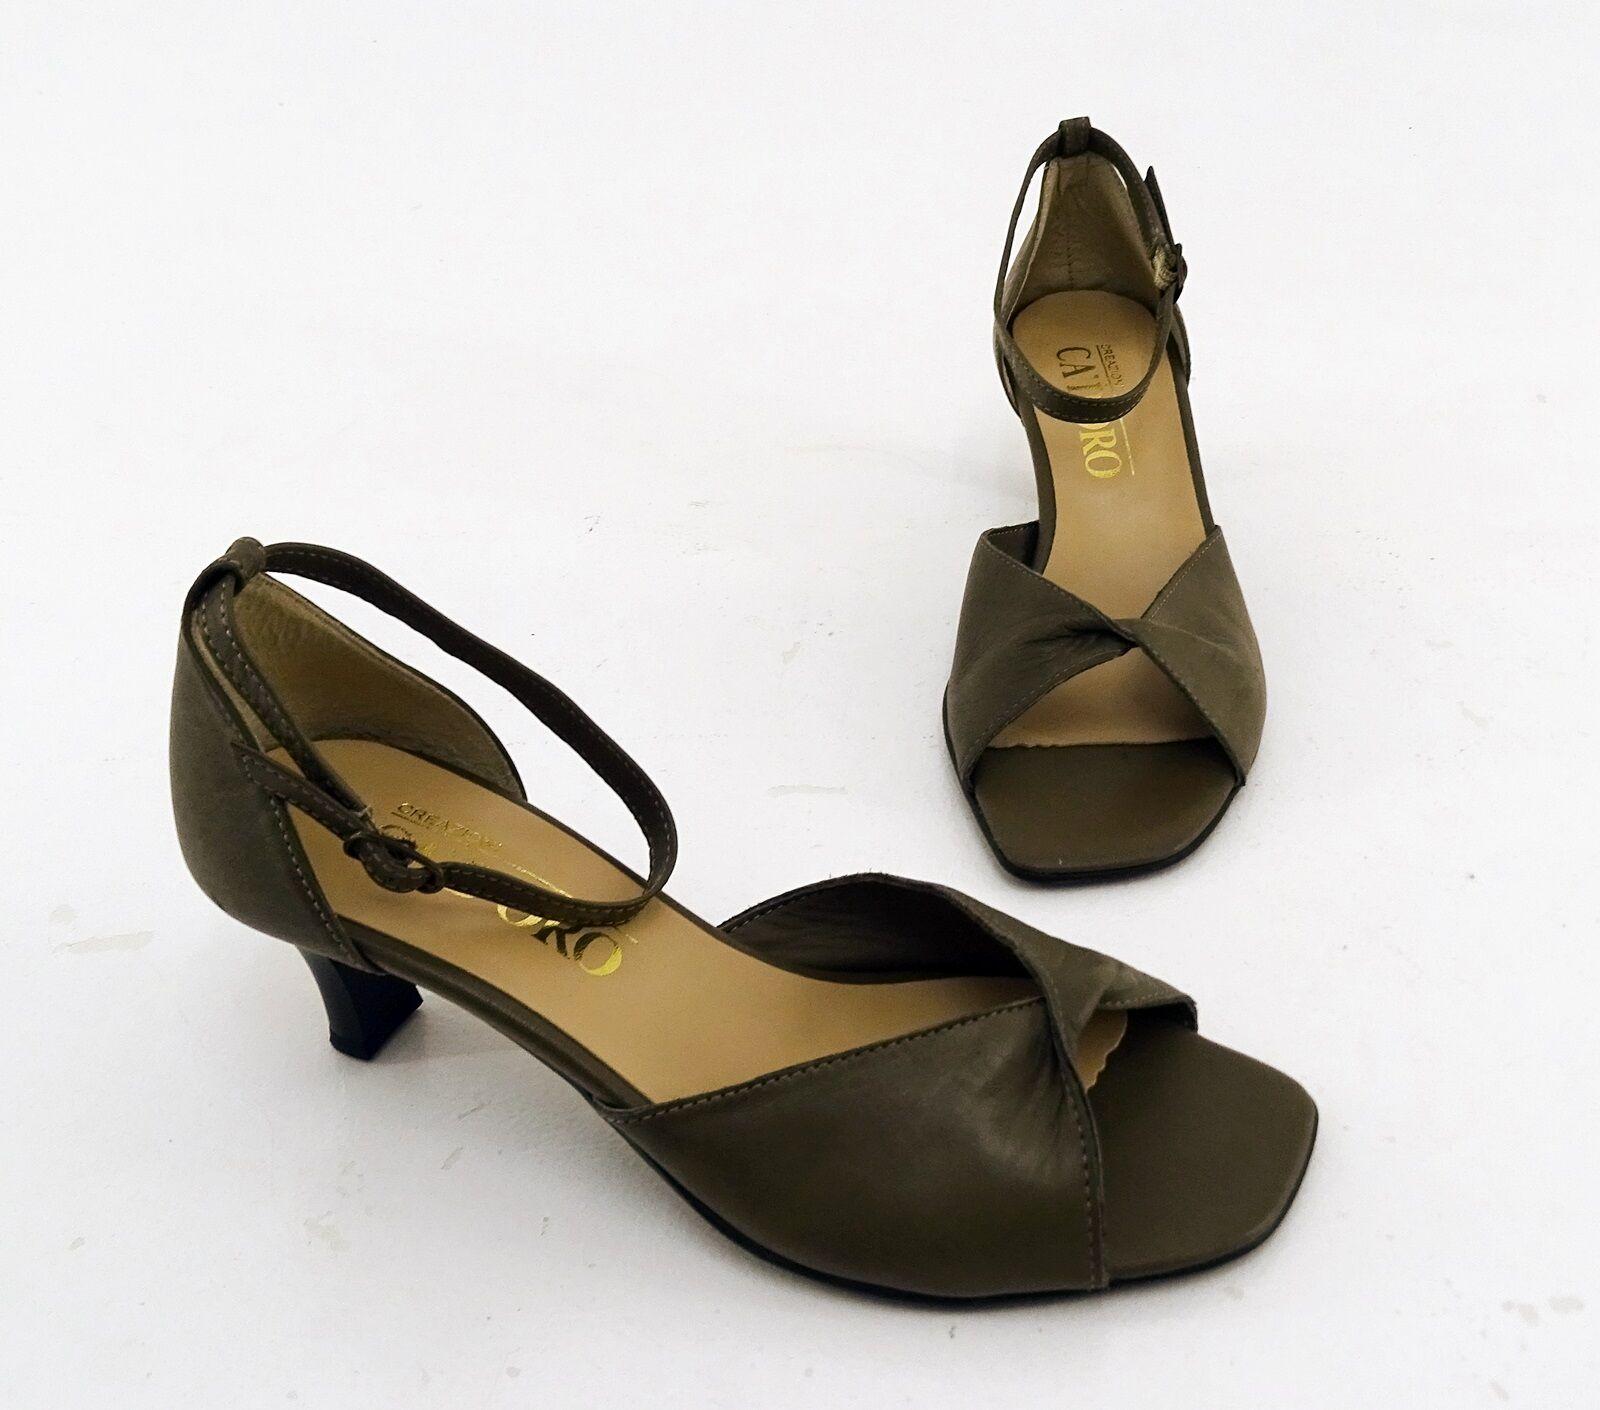 Salón creazioni Ca 'd' oro oro oro sandalias de cuero genuino Olive talla 37  compra en línea hoy